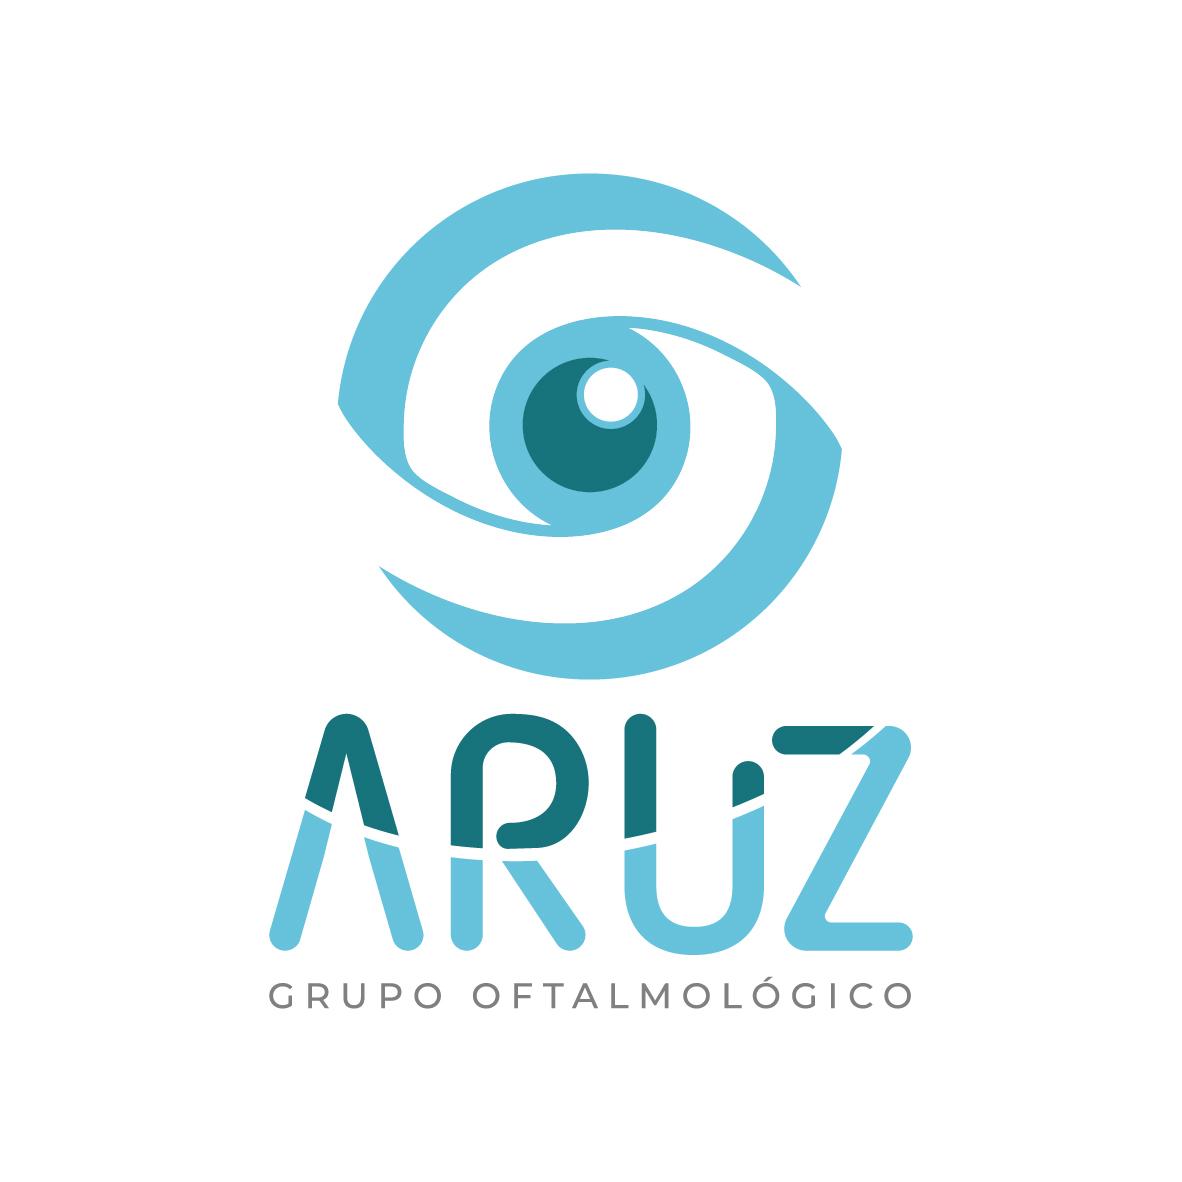 CARLOS GERARDO ARIAS RODRIGUEZ